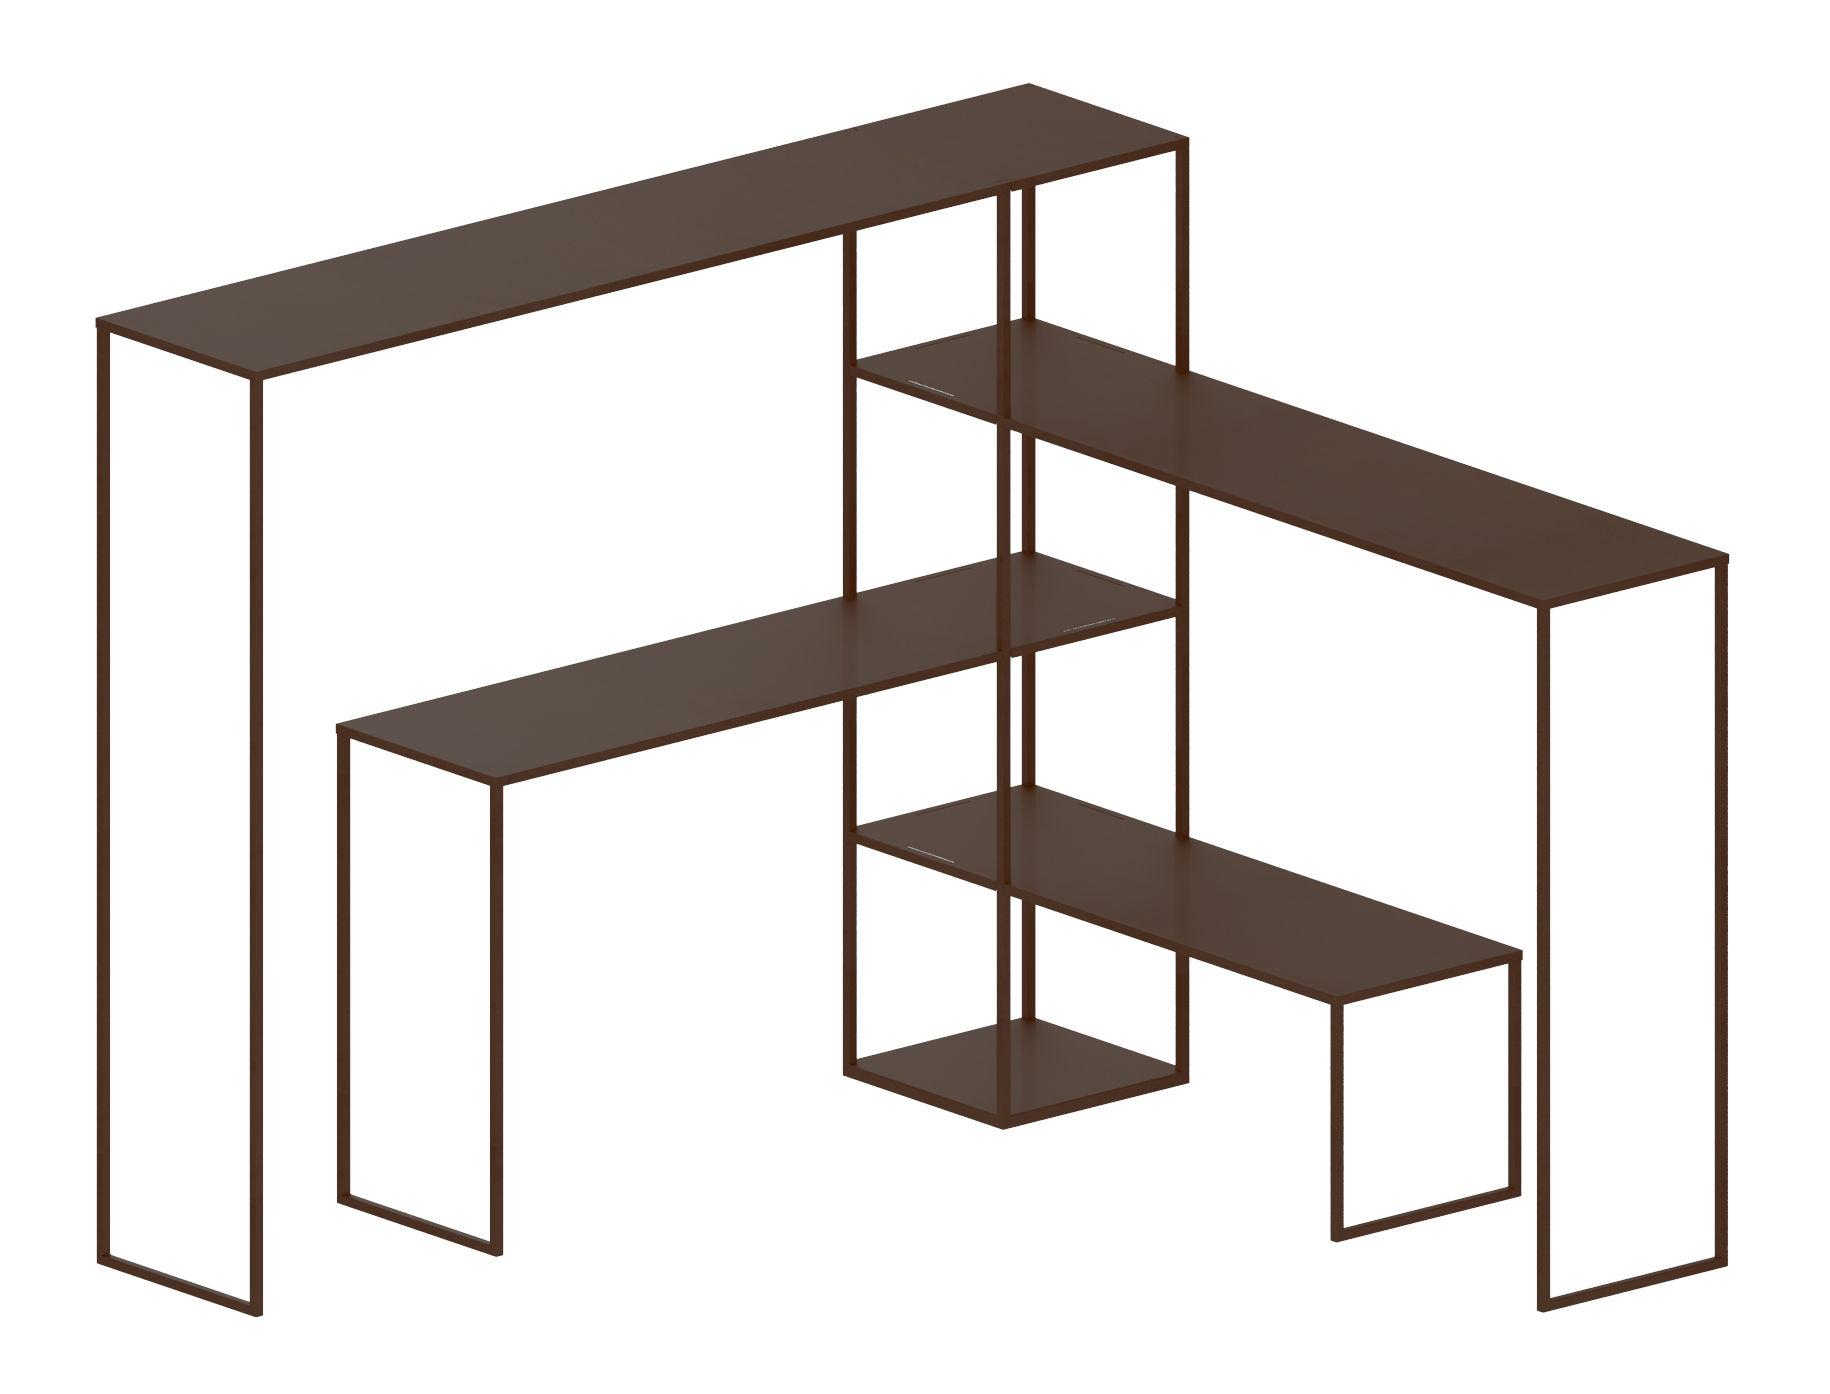 Arredamento - Scaffali e librerie - Scaffale Easy Bridge - / 4 piani modulabili - H 141 cm di Zeus - Bronzo - Acciaio verniciato